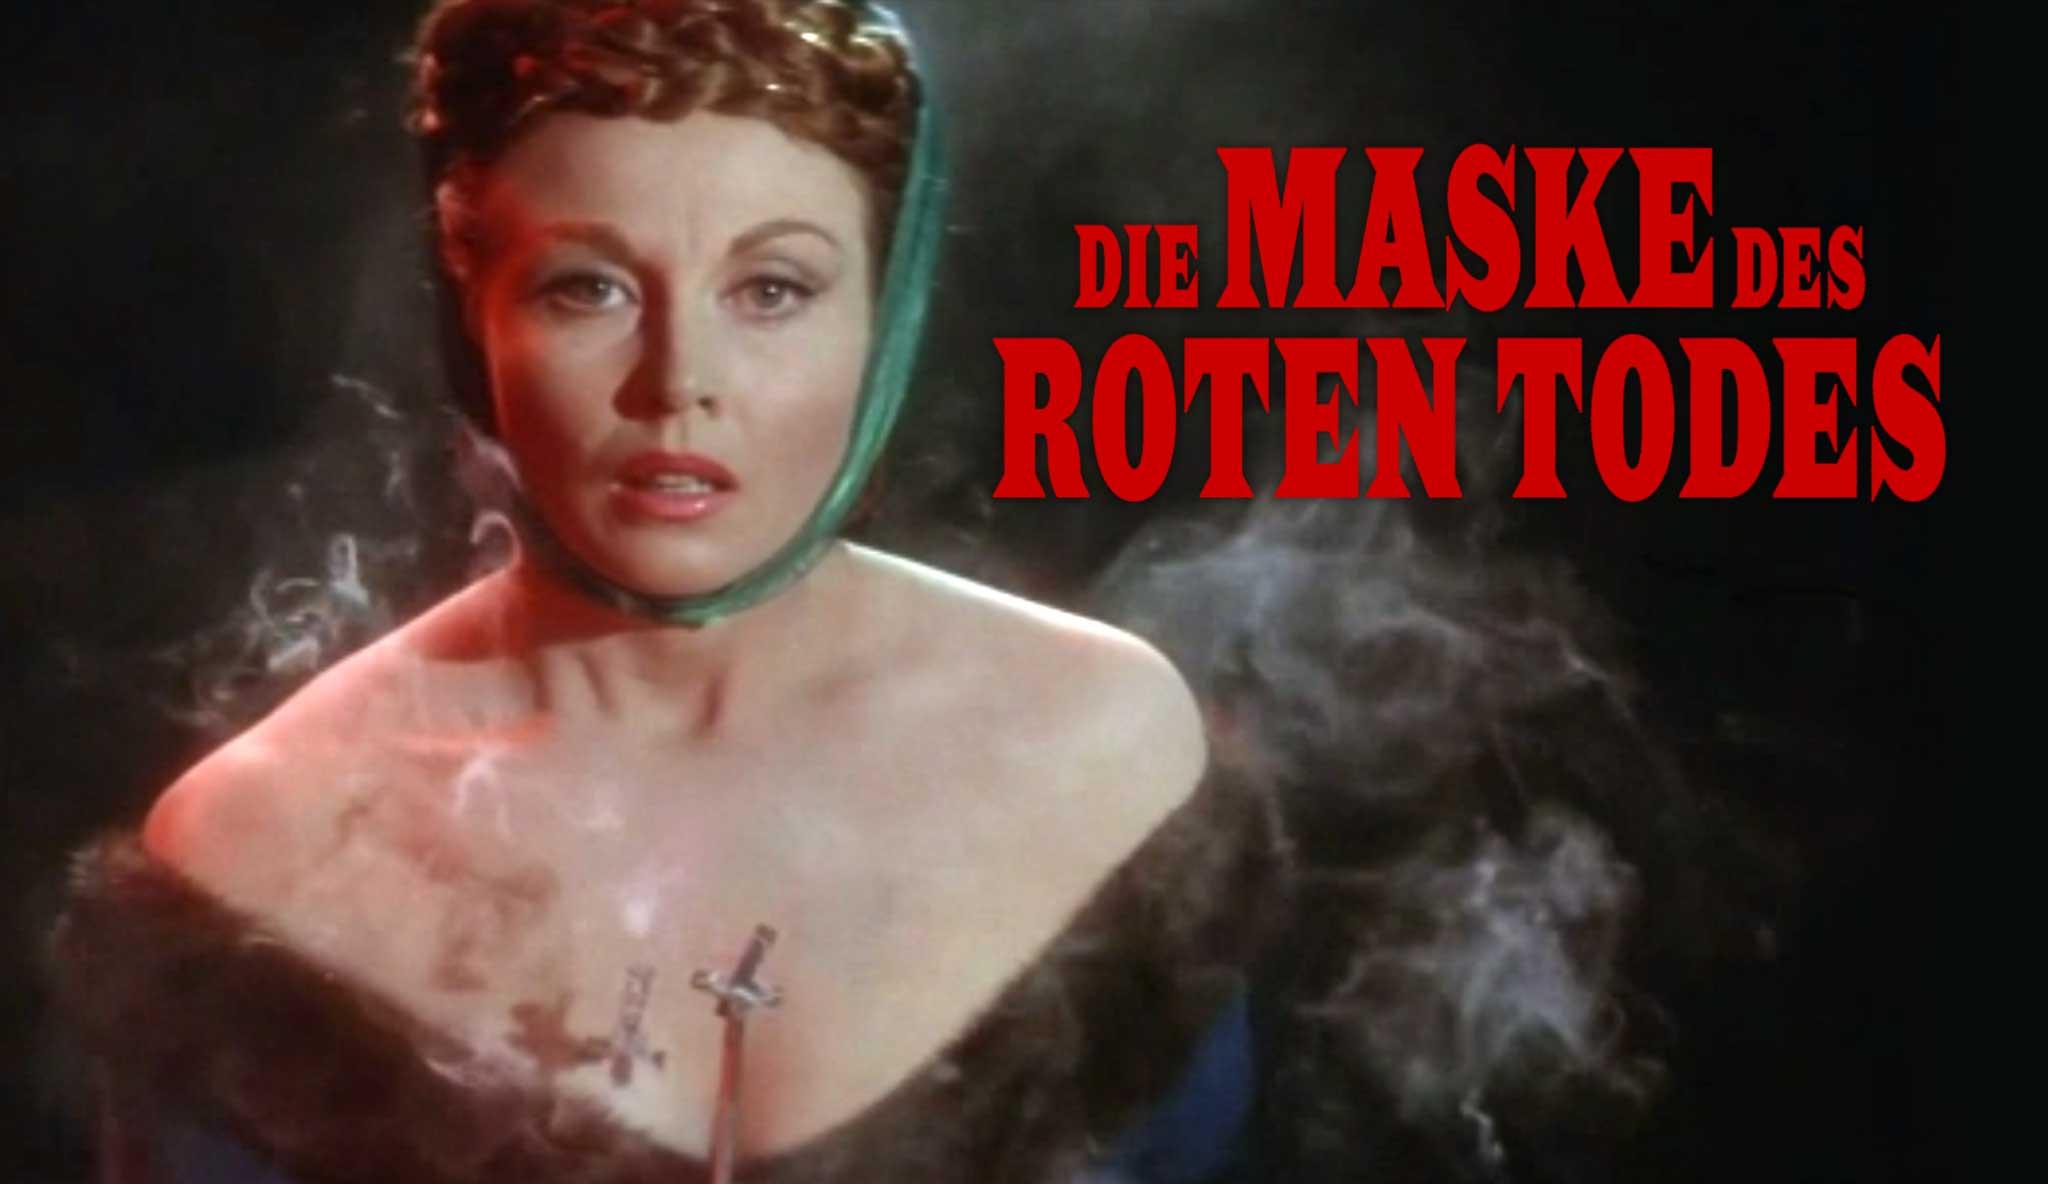 die-maske-des-roten-todes\header.jpg